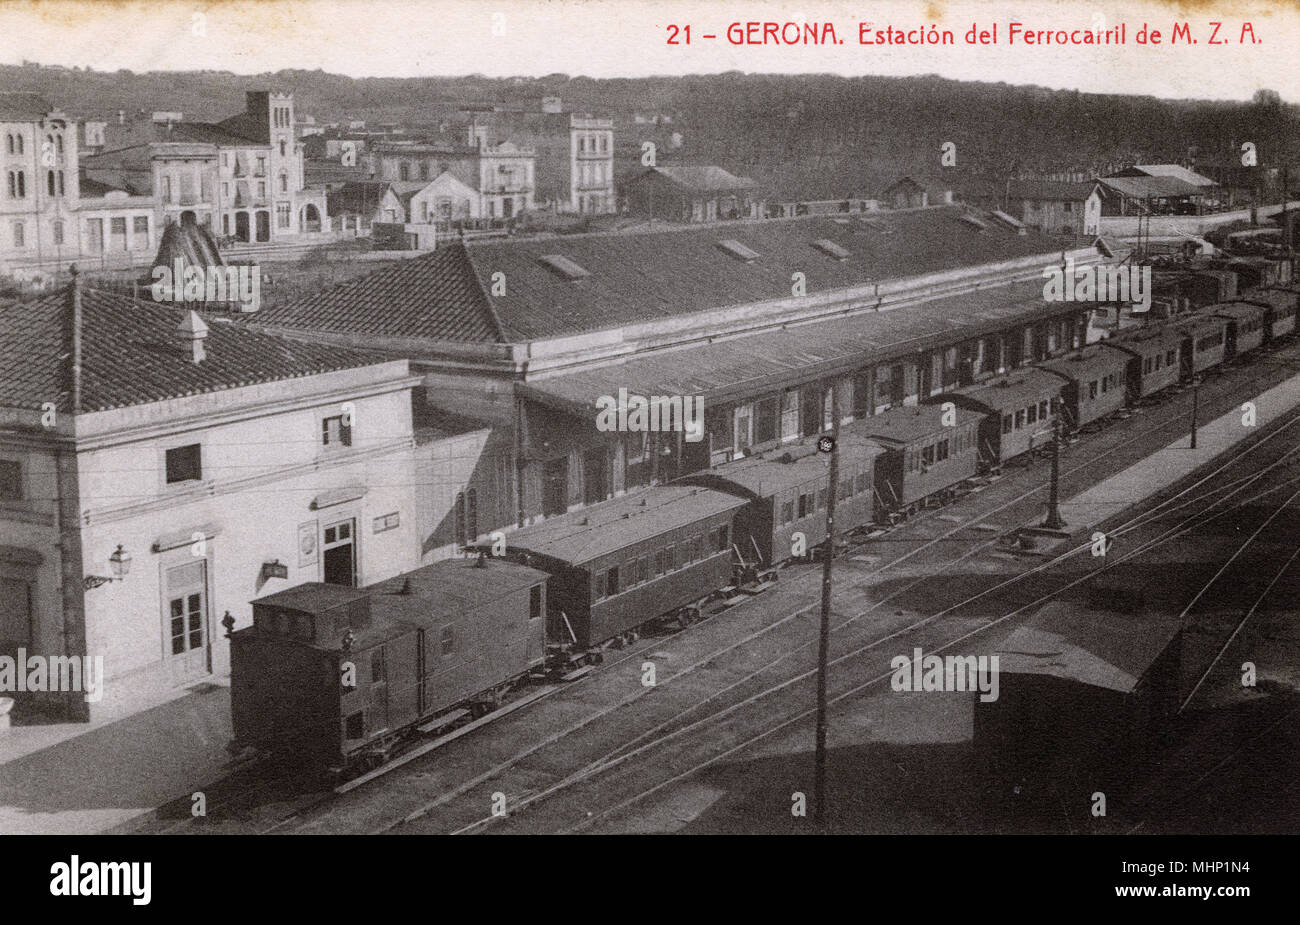 Vista aerea della stazione ferroviaria, Girona, Catalogna, Spagna. Data: circa 1908 Immagini Stock